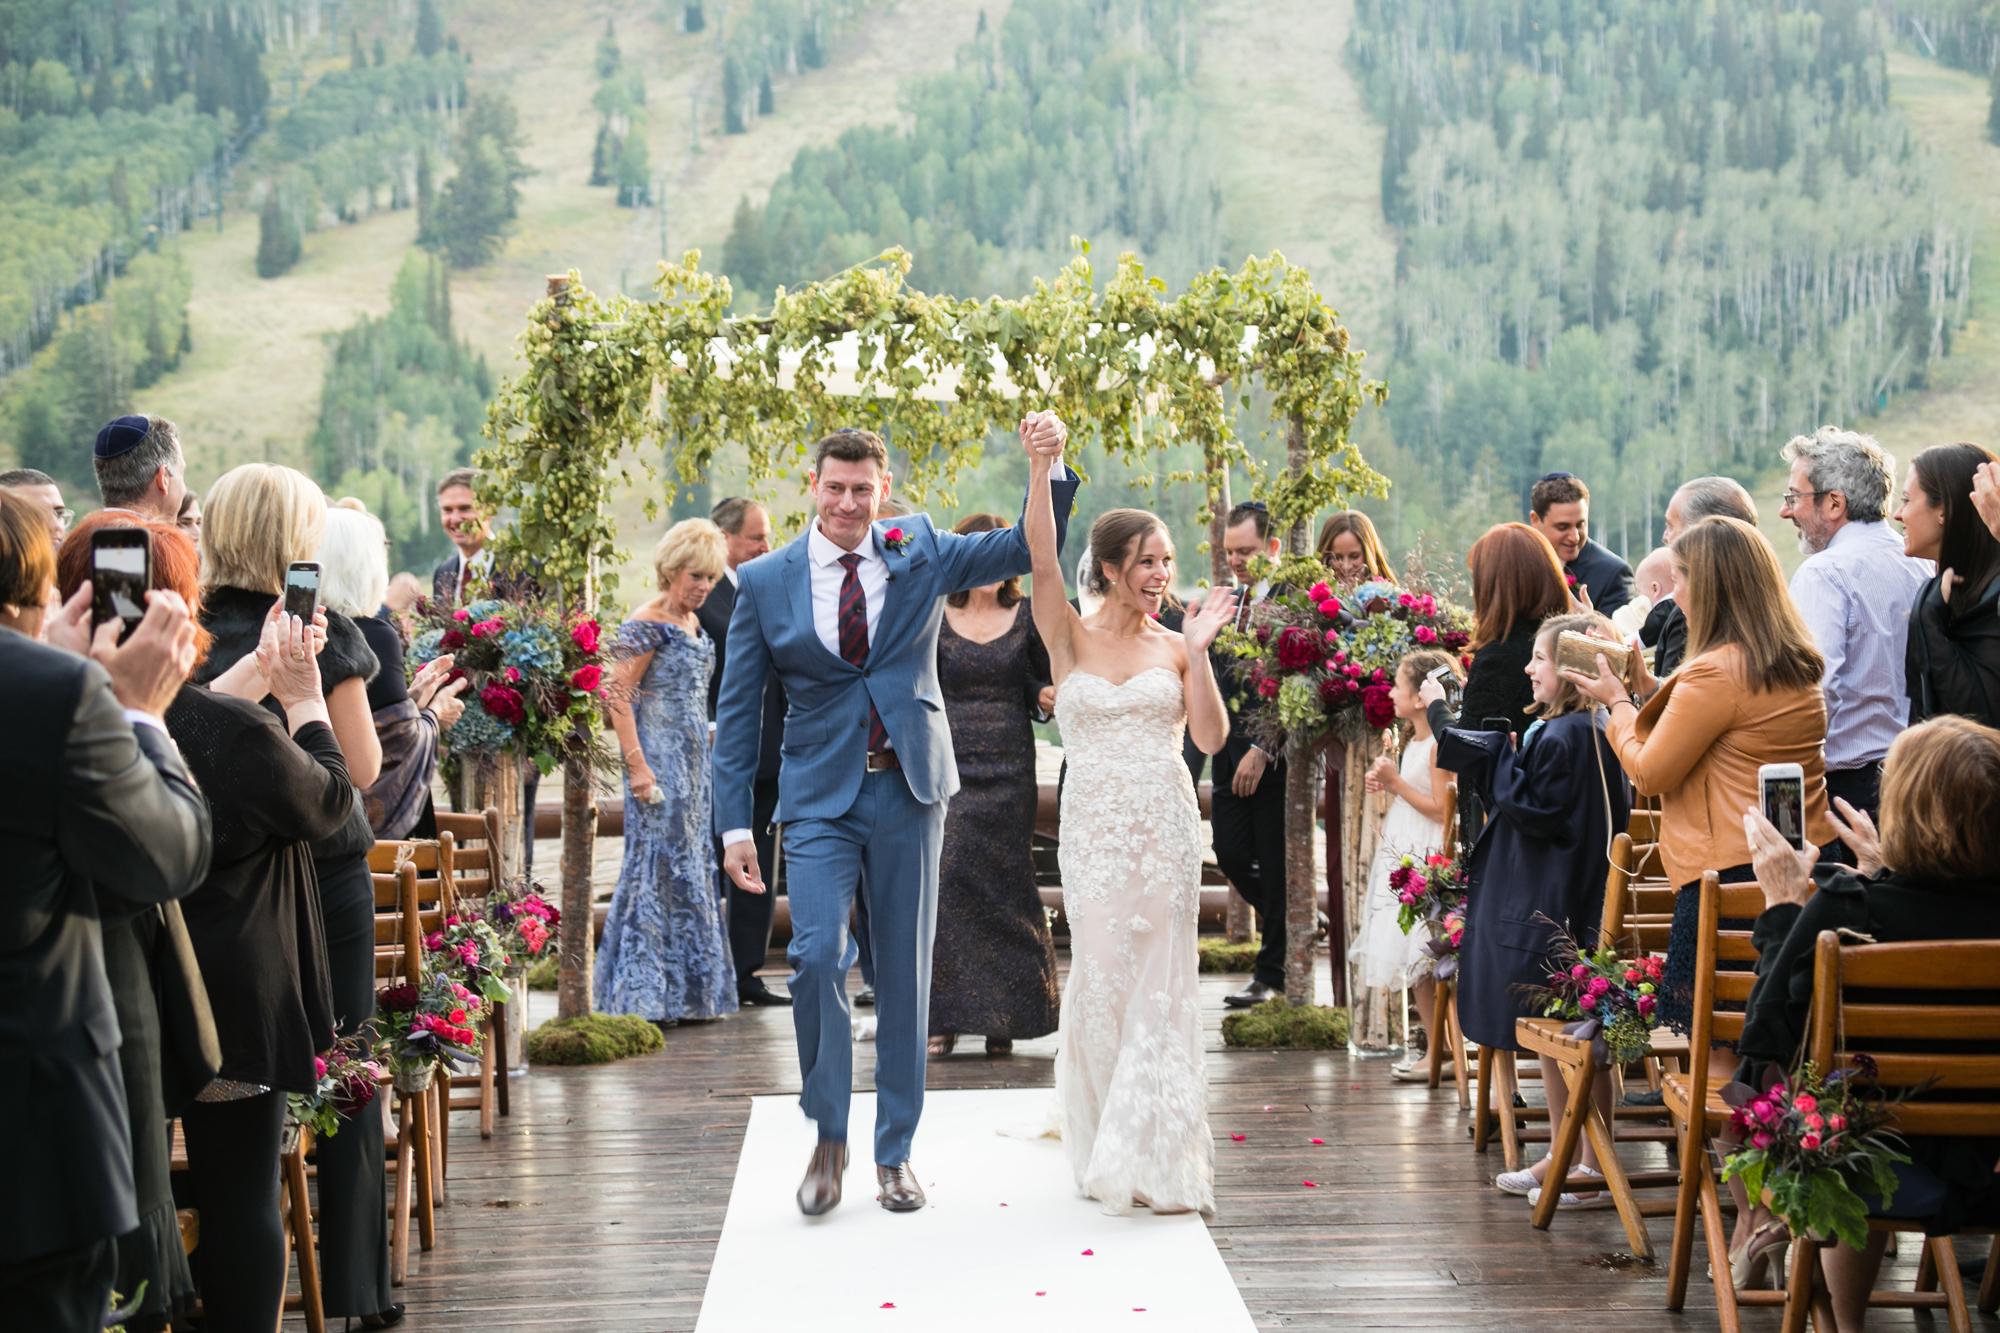 stein-eriksen-wedding-photography-23.jpg